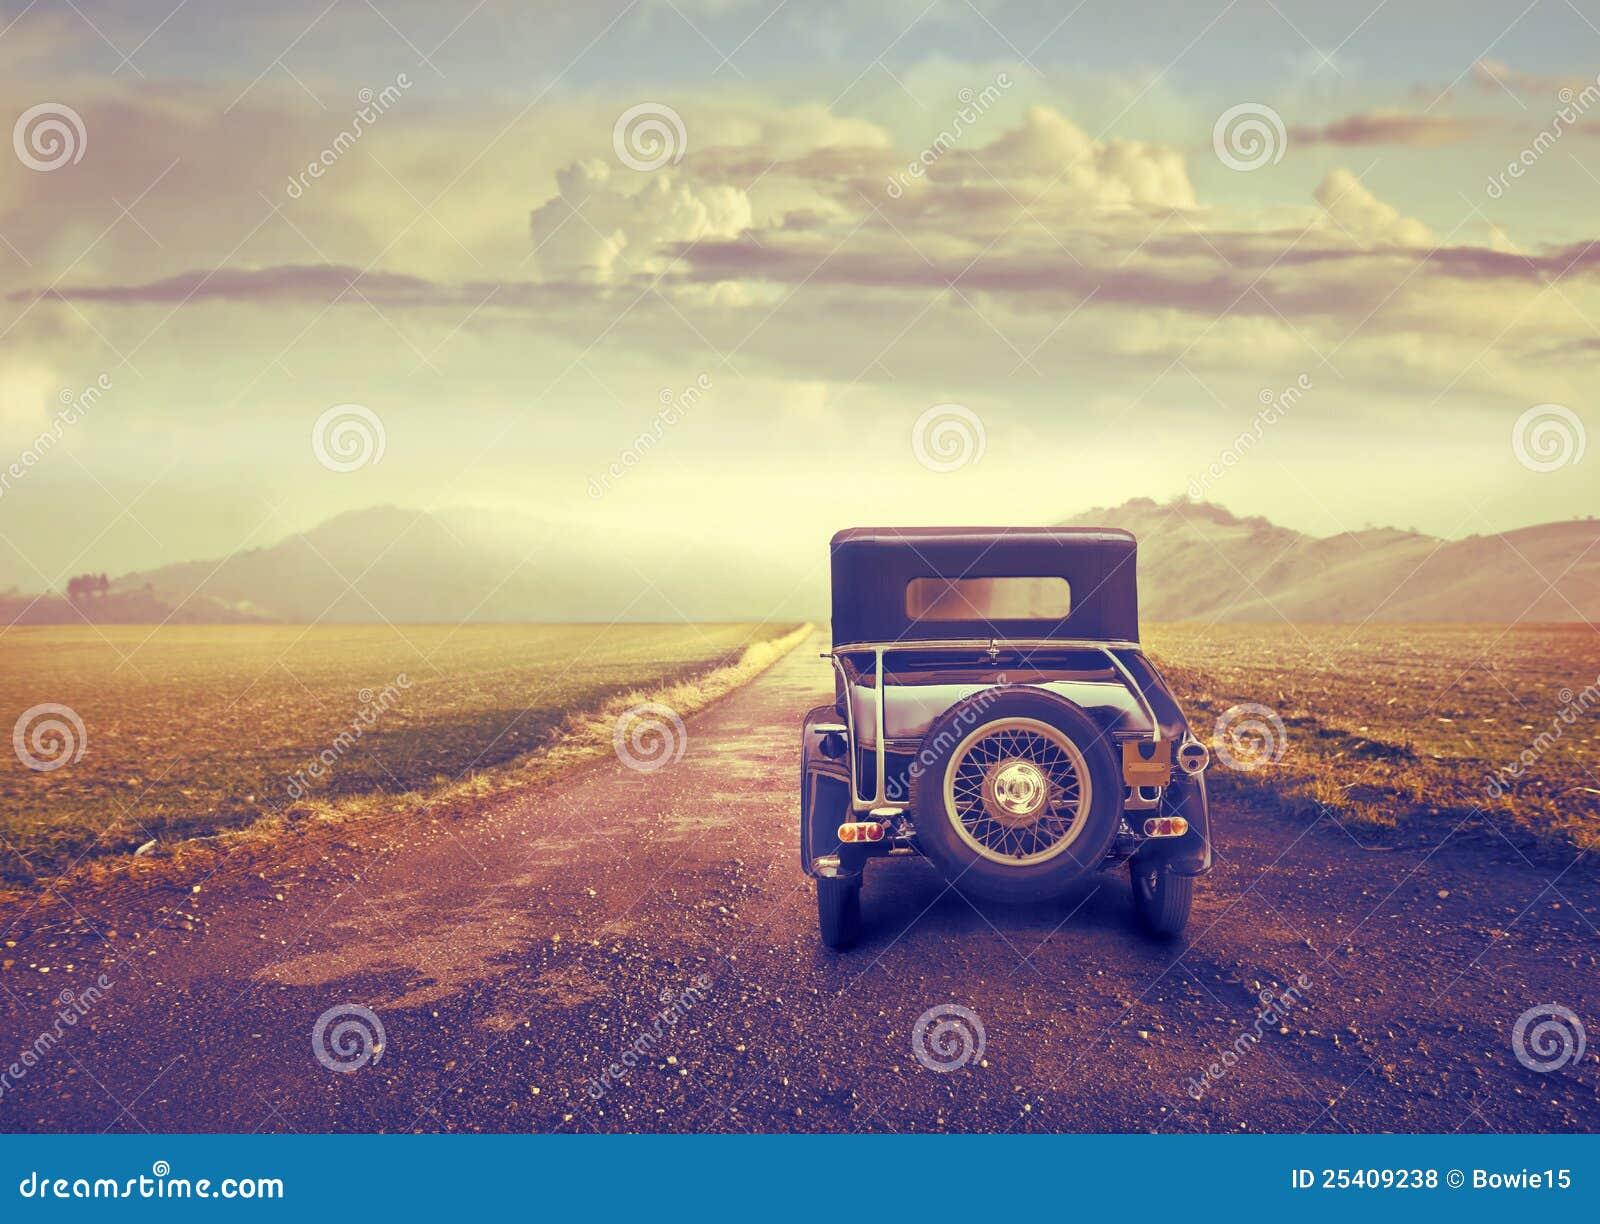 Vintage Car on a Desert Road